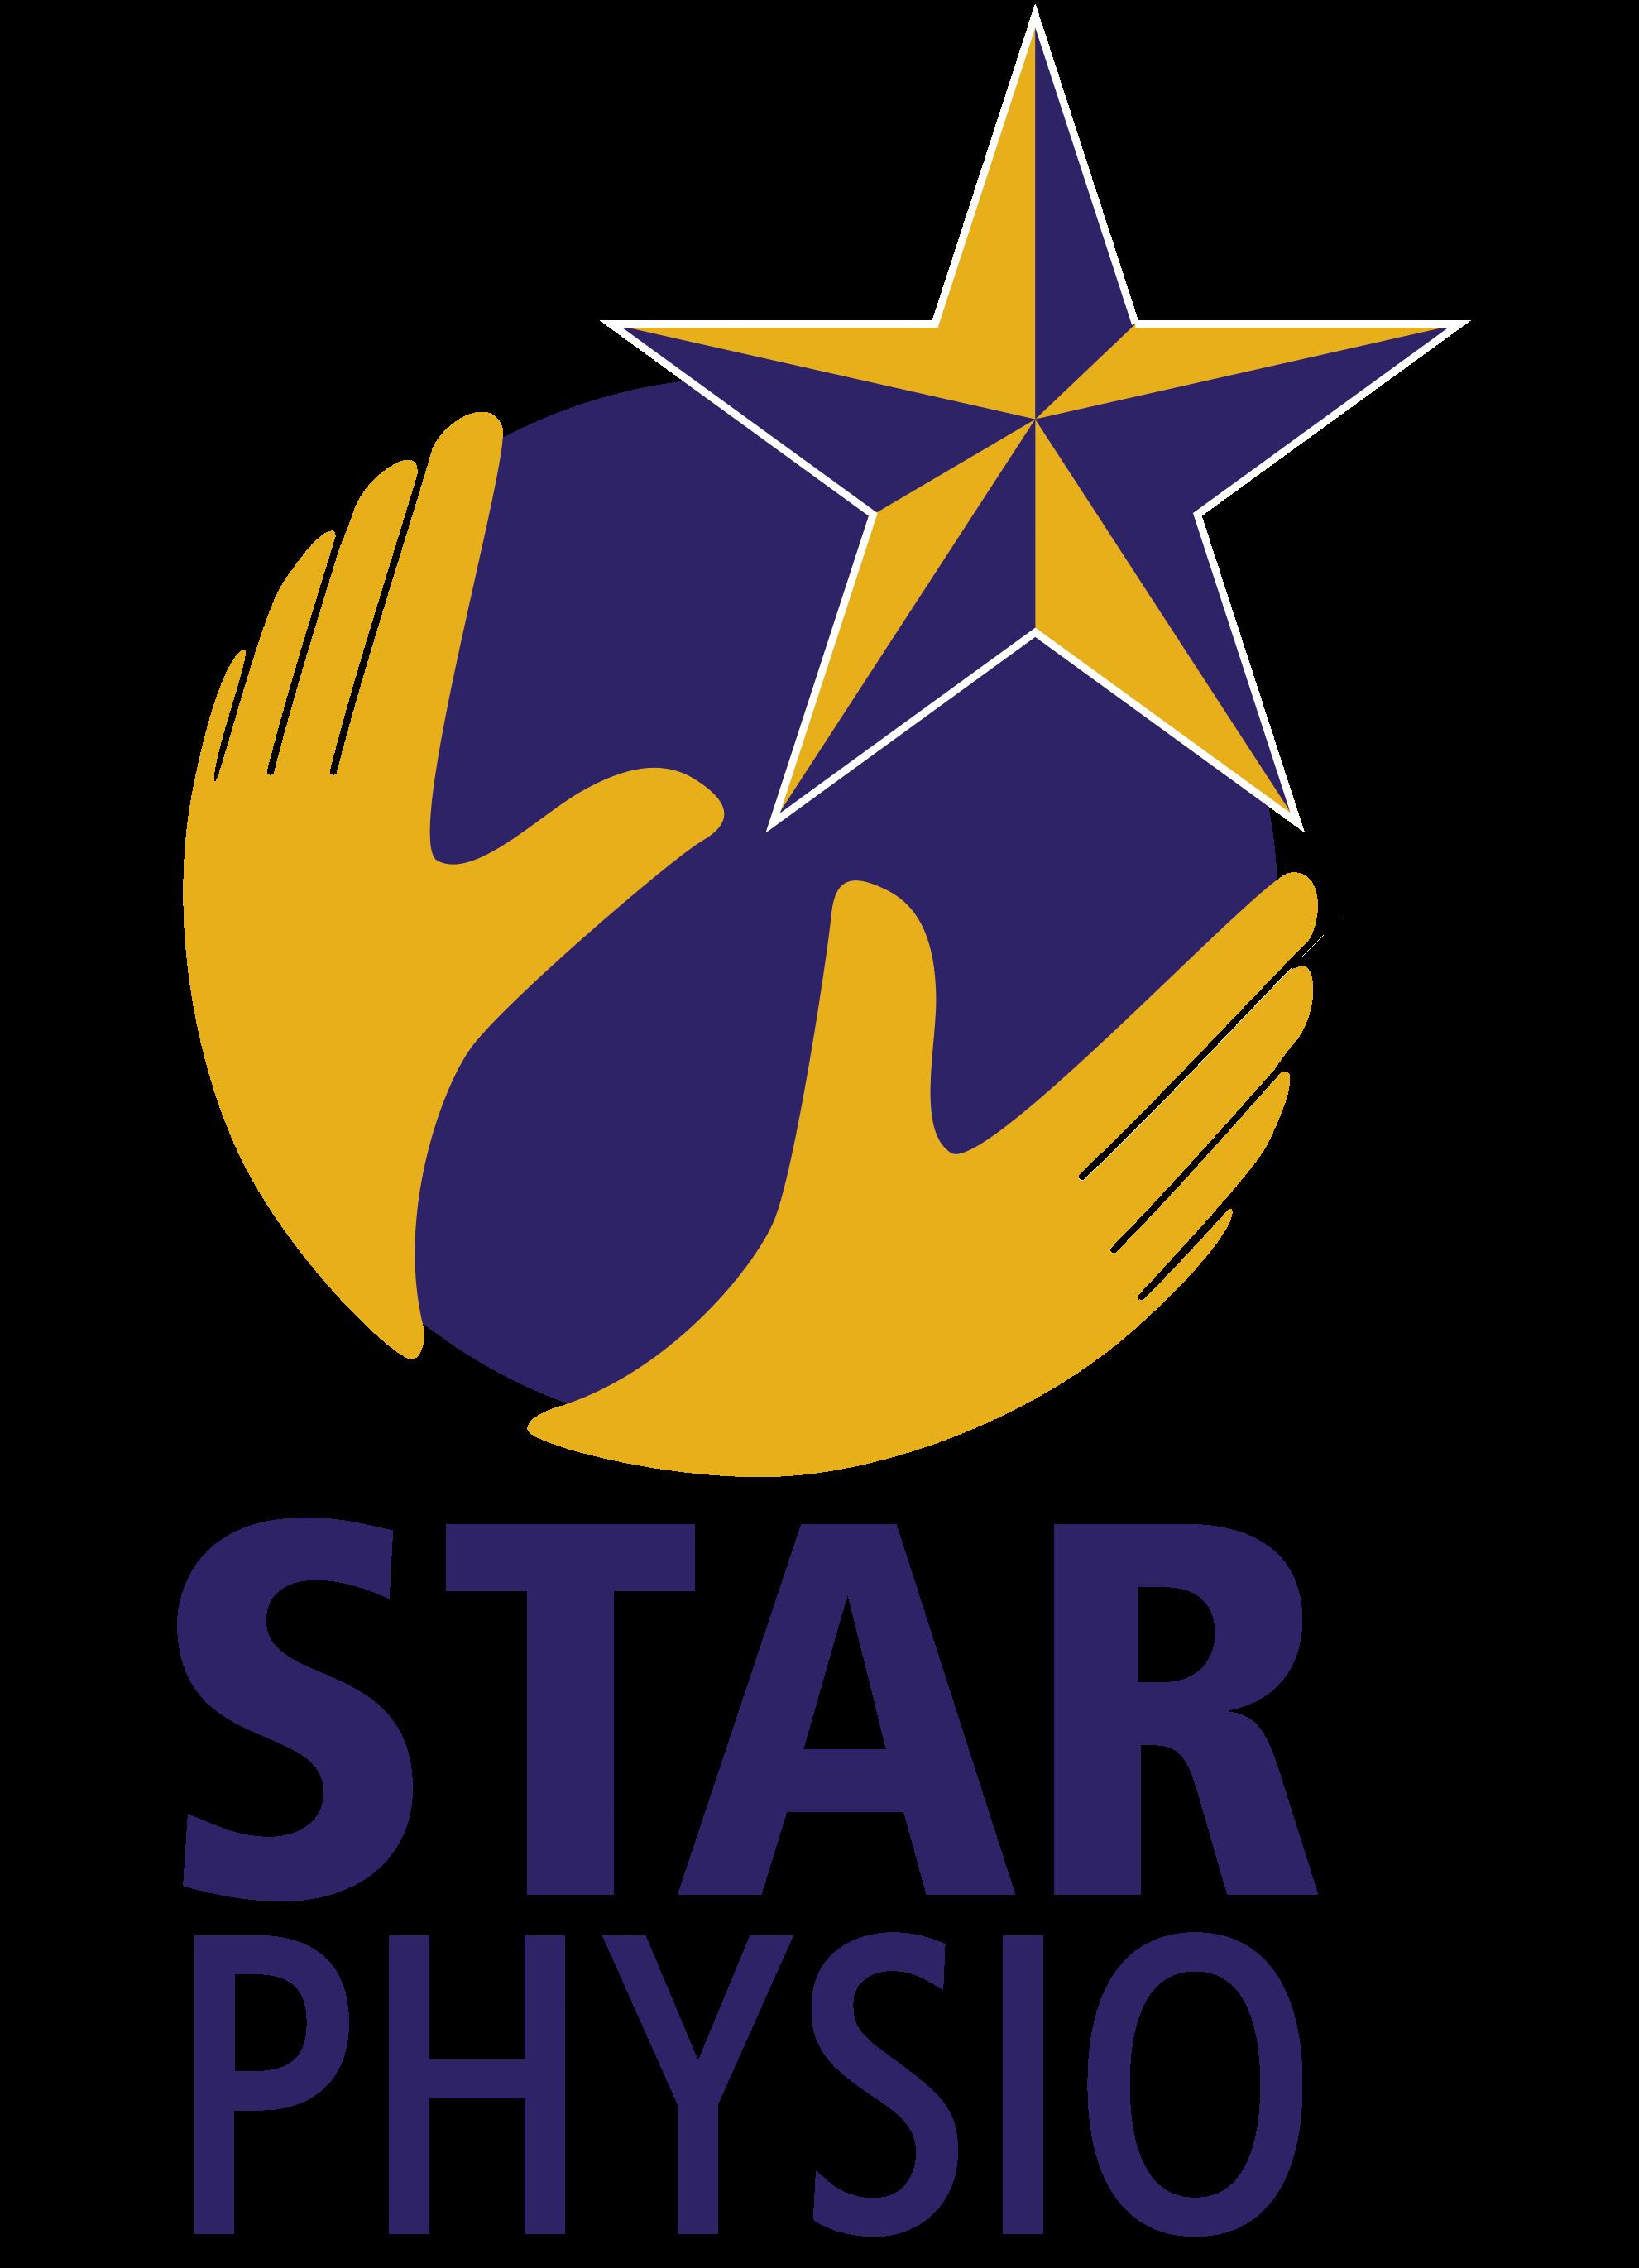 StarPhysio